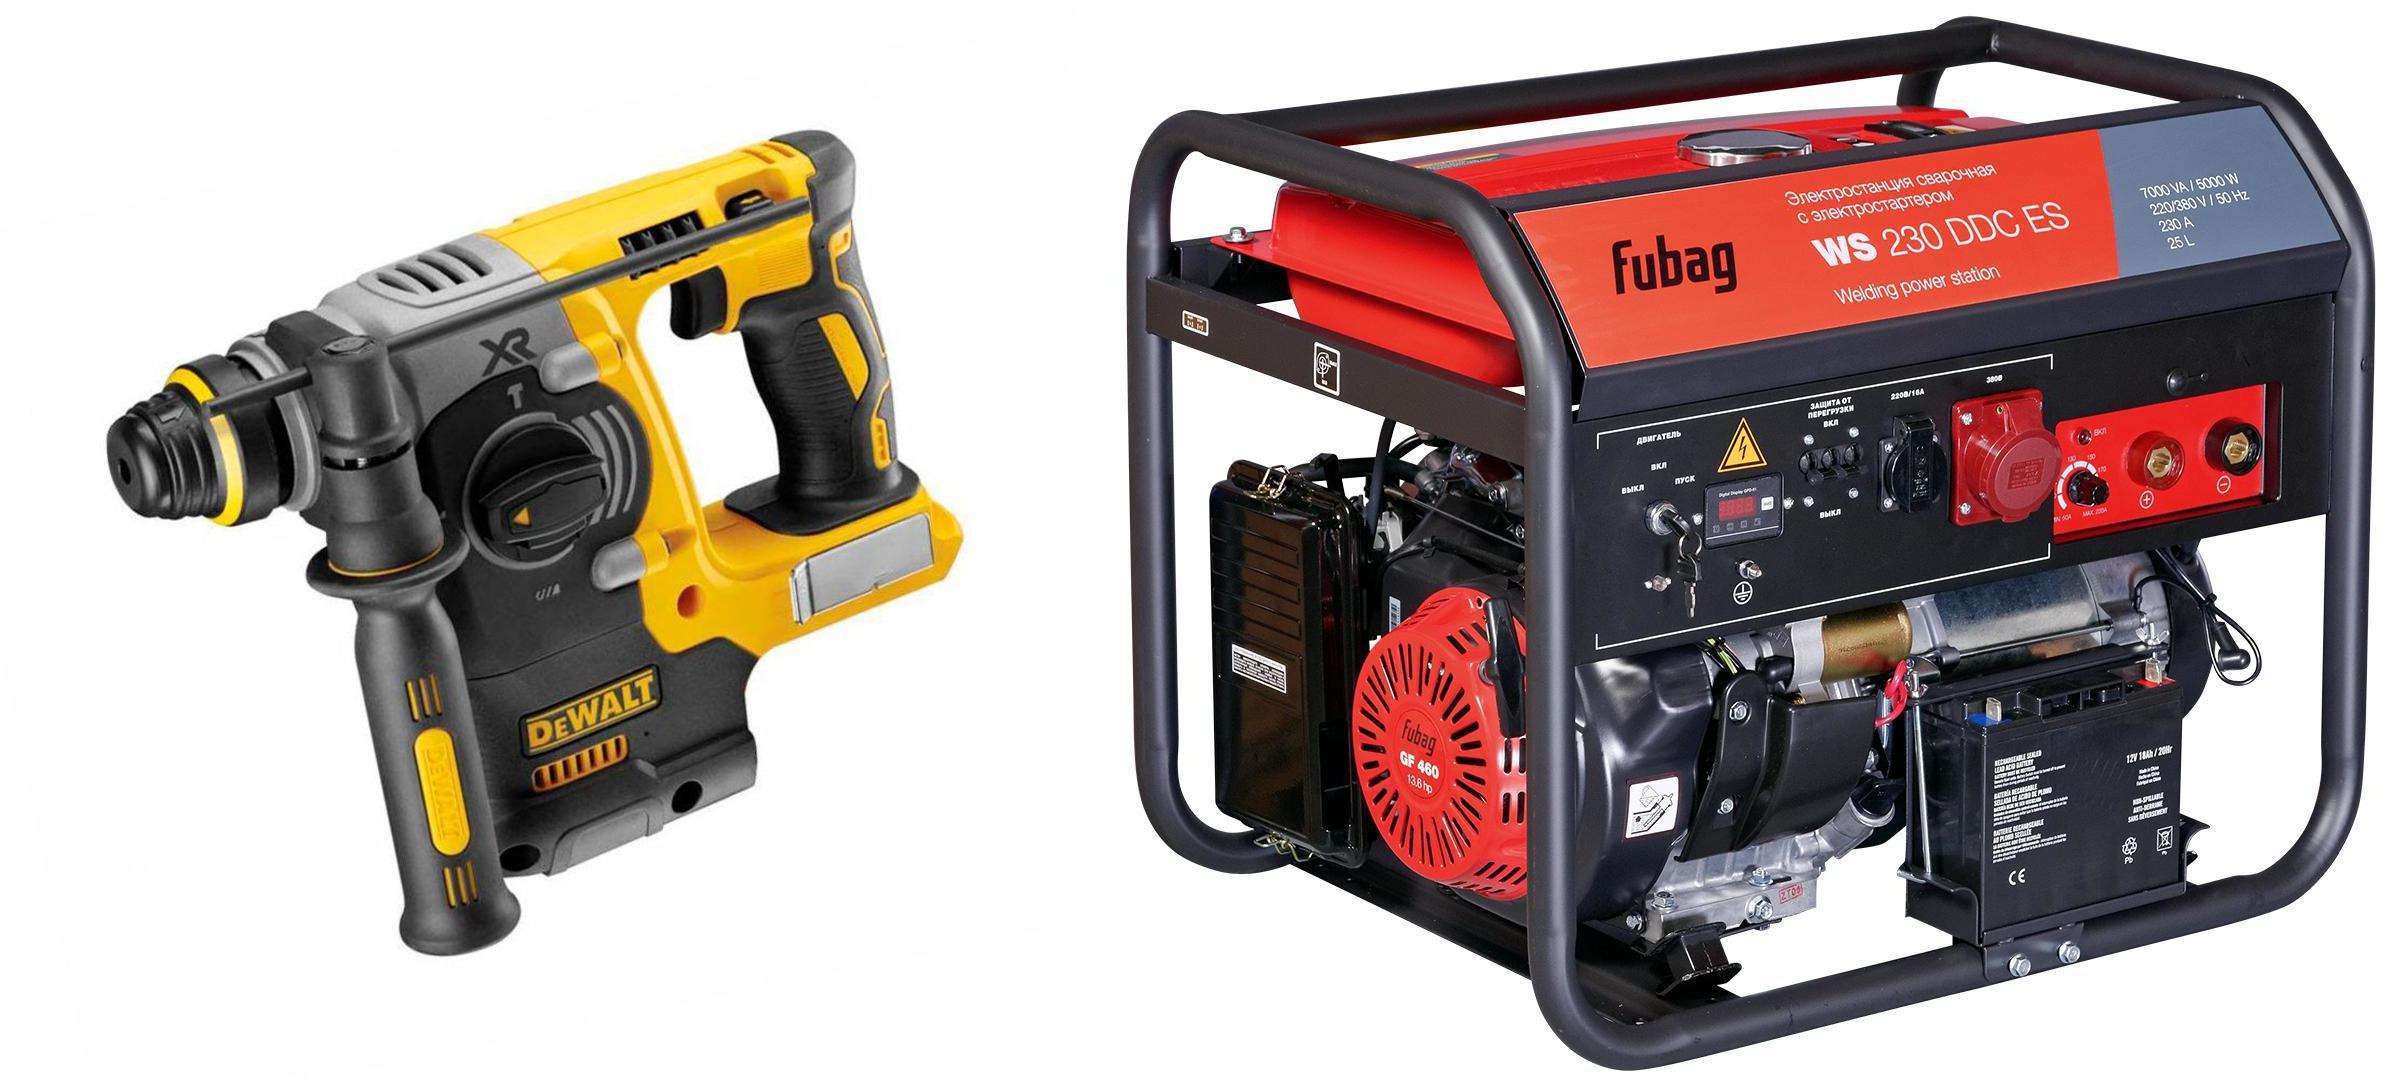 Набор Fubag Бензиновый генератор ws 230 ddc es +Перфоратор dch273n-xj все цены